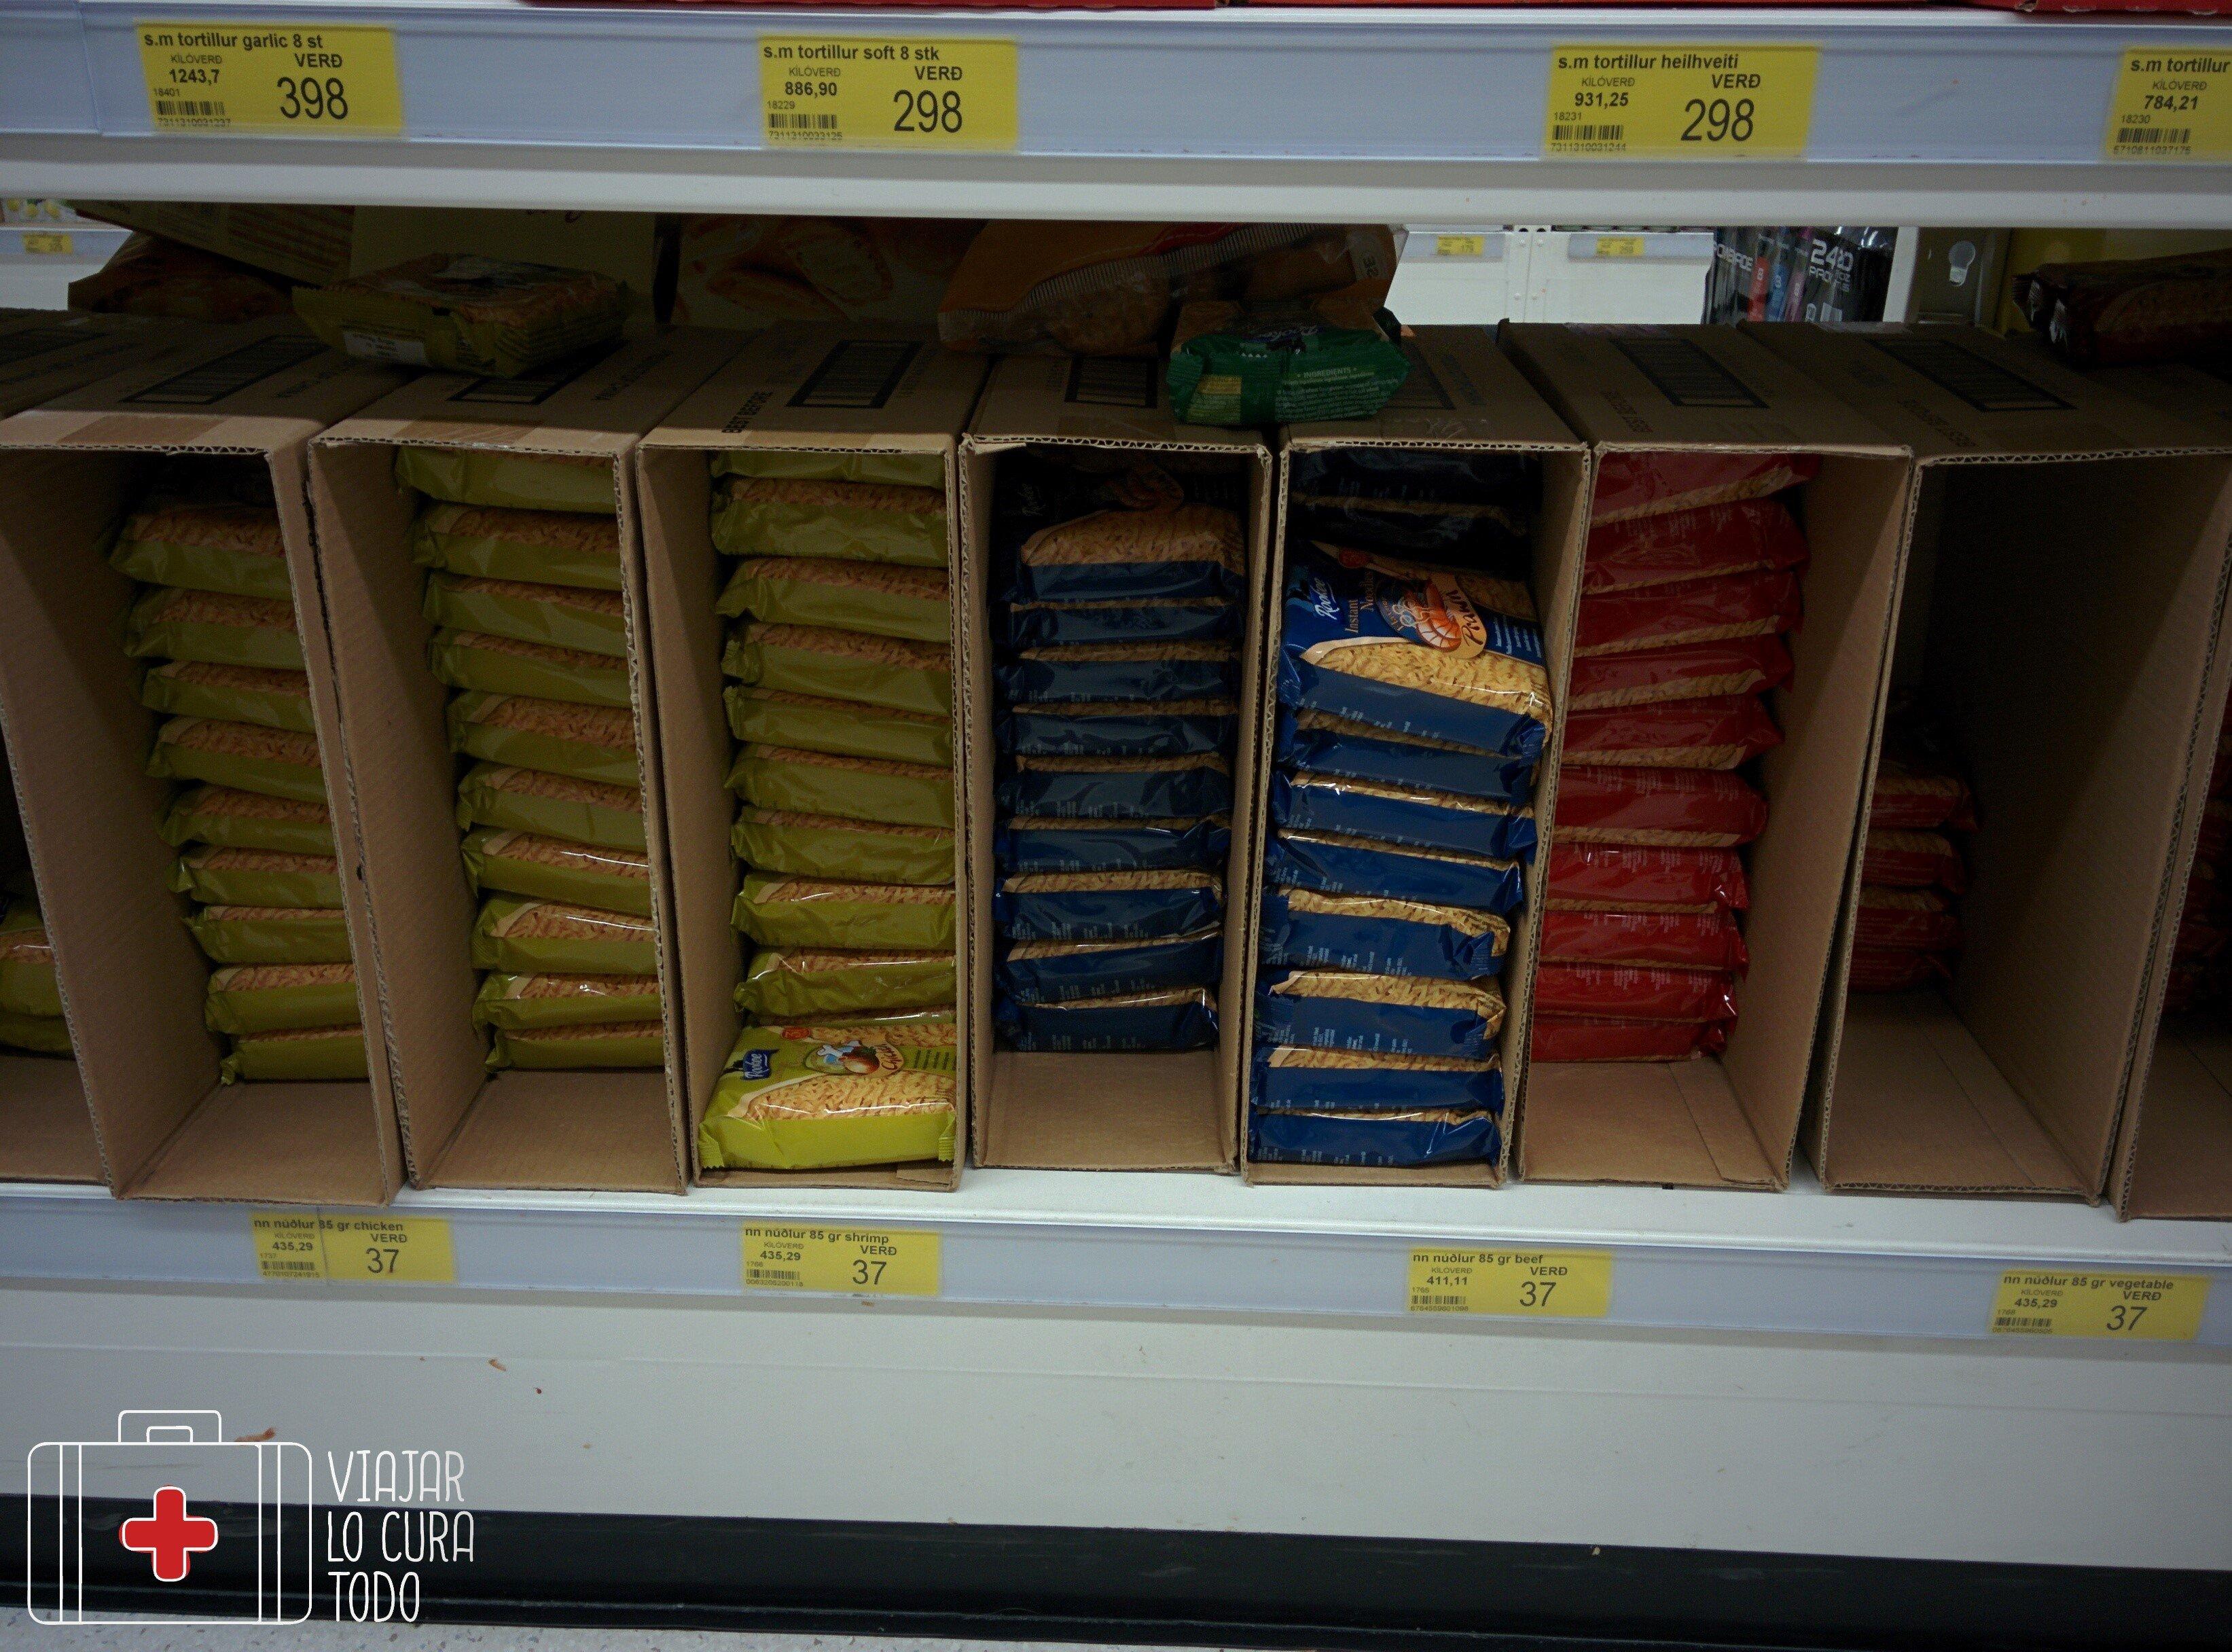 Paquetes de noodles instantaneos más baratos que en casa